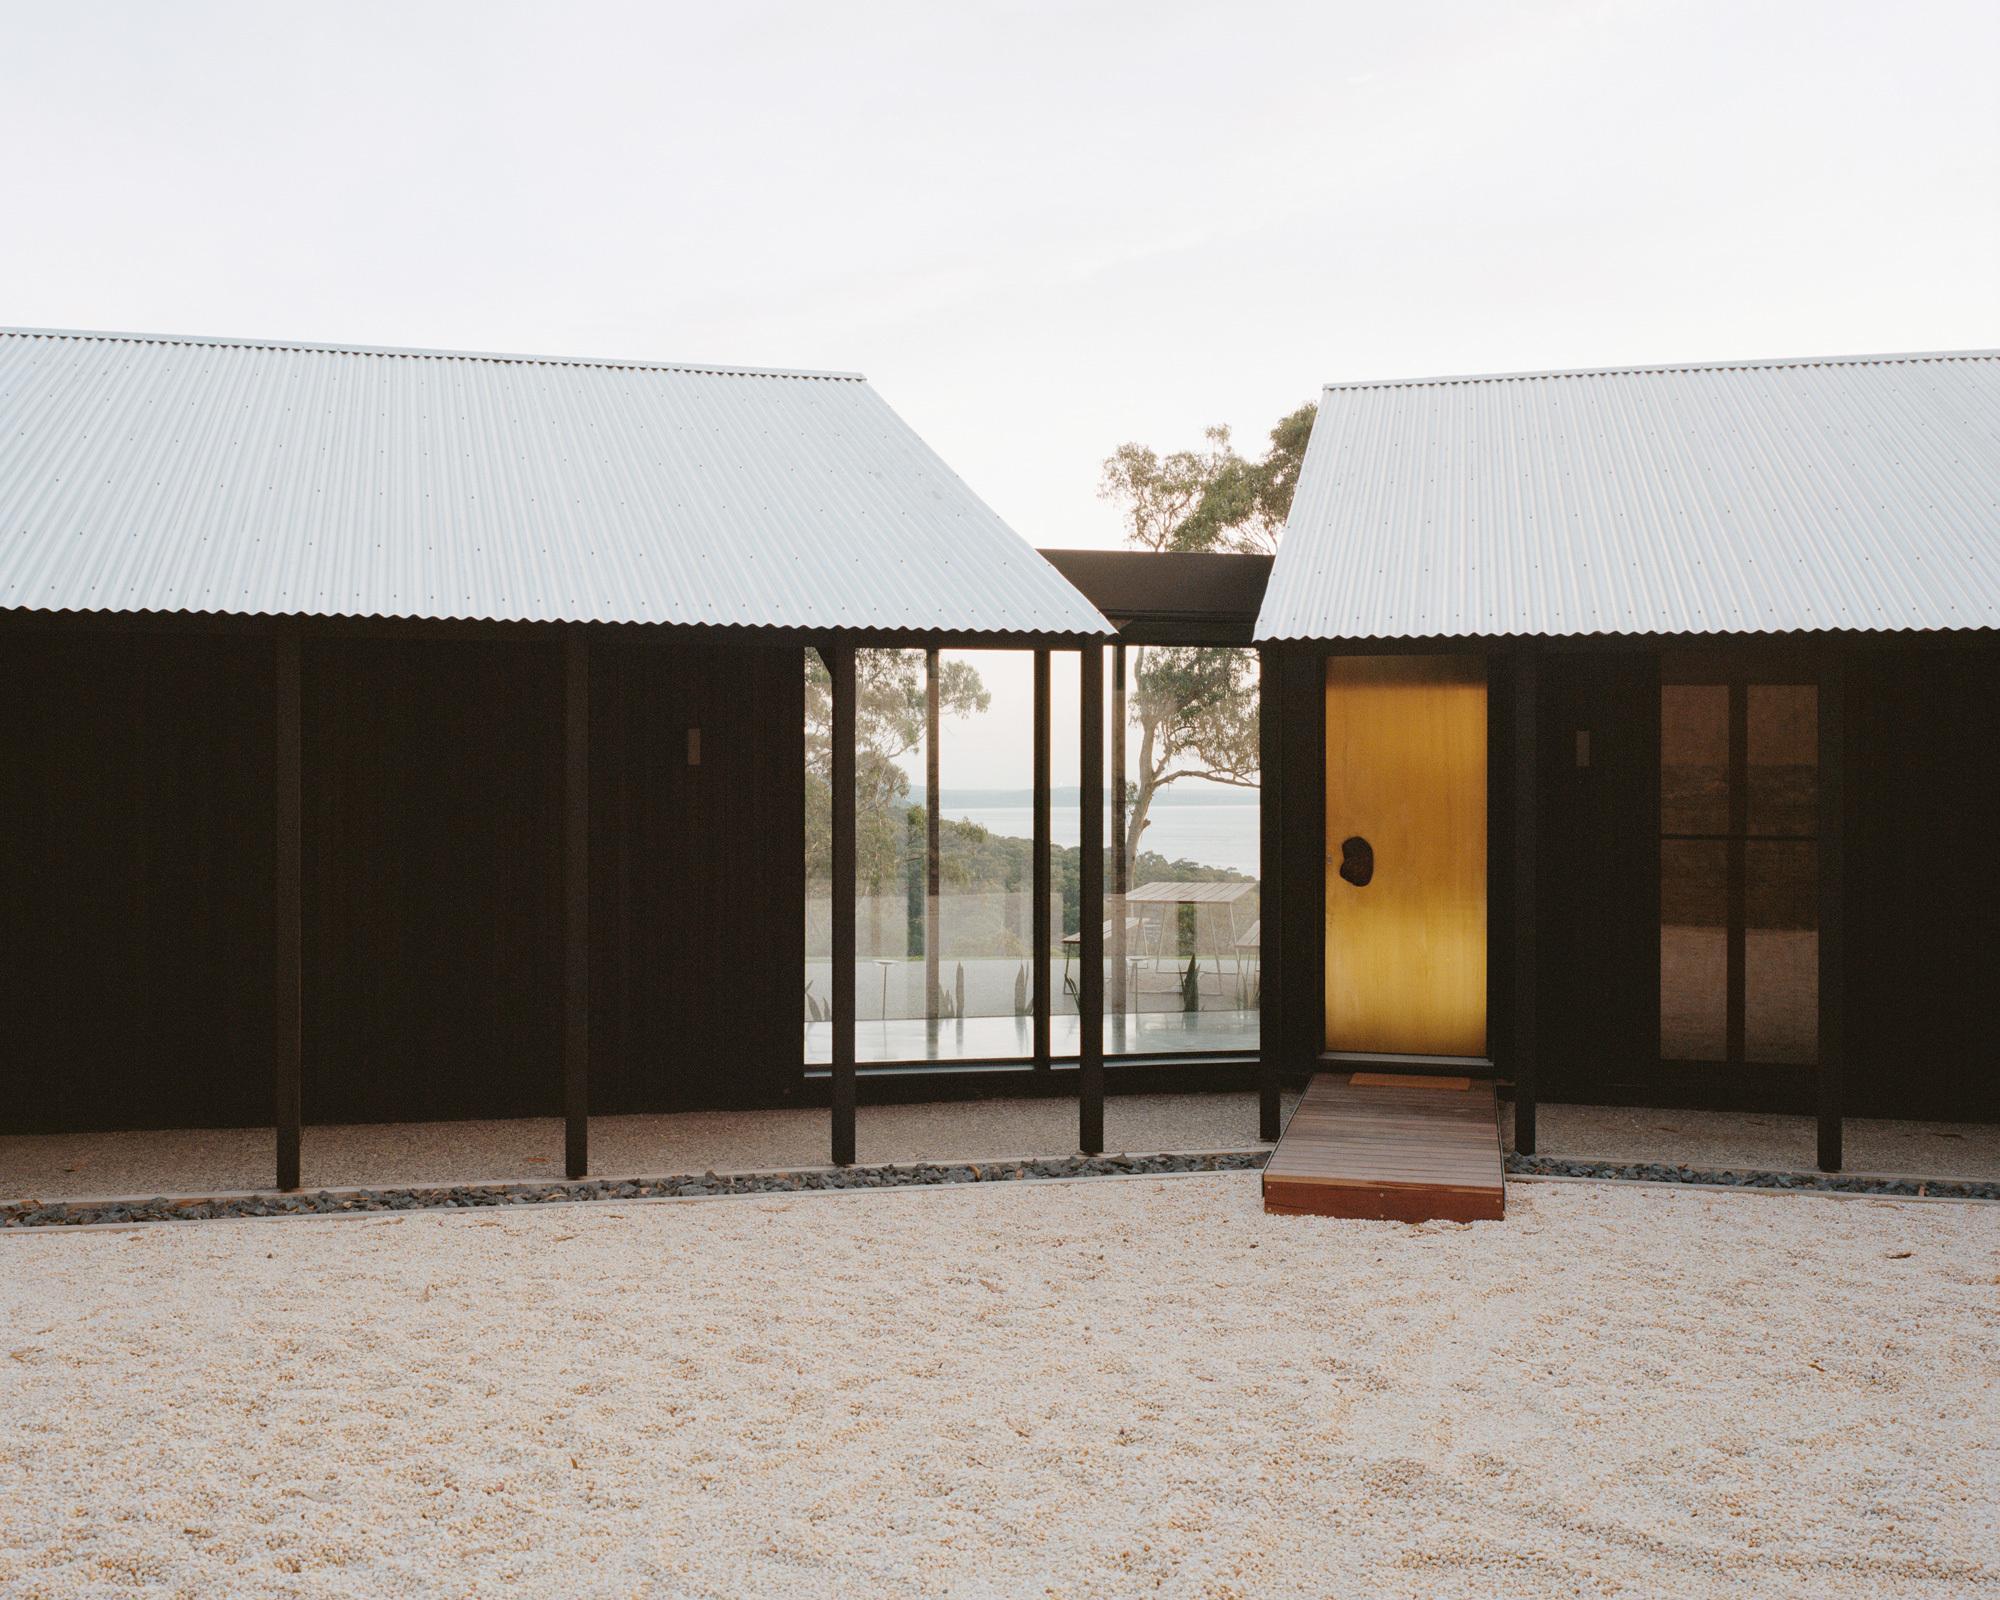 Die klassischen Giebeldächer erinnern an australische Landhäuser und schützen vor extremem Klima.